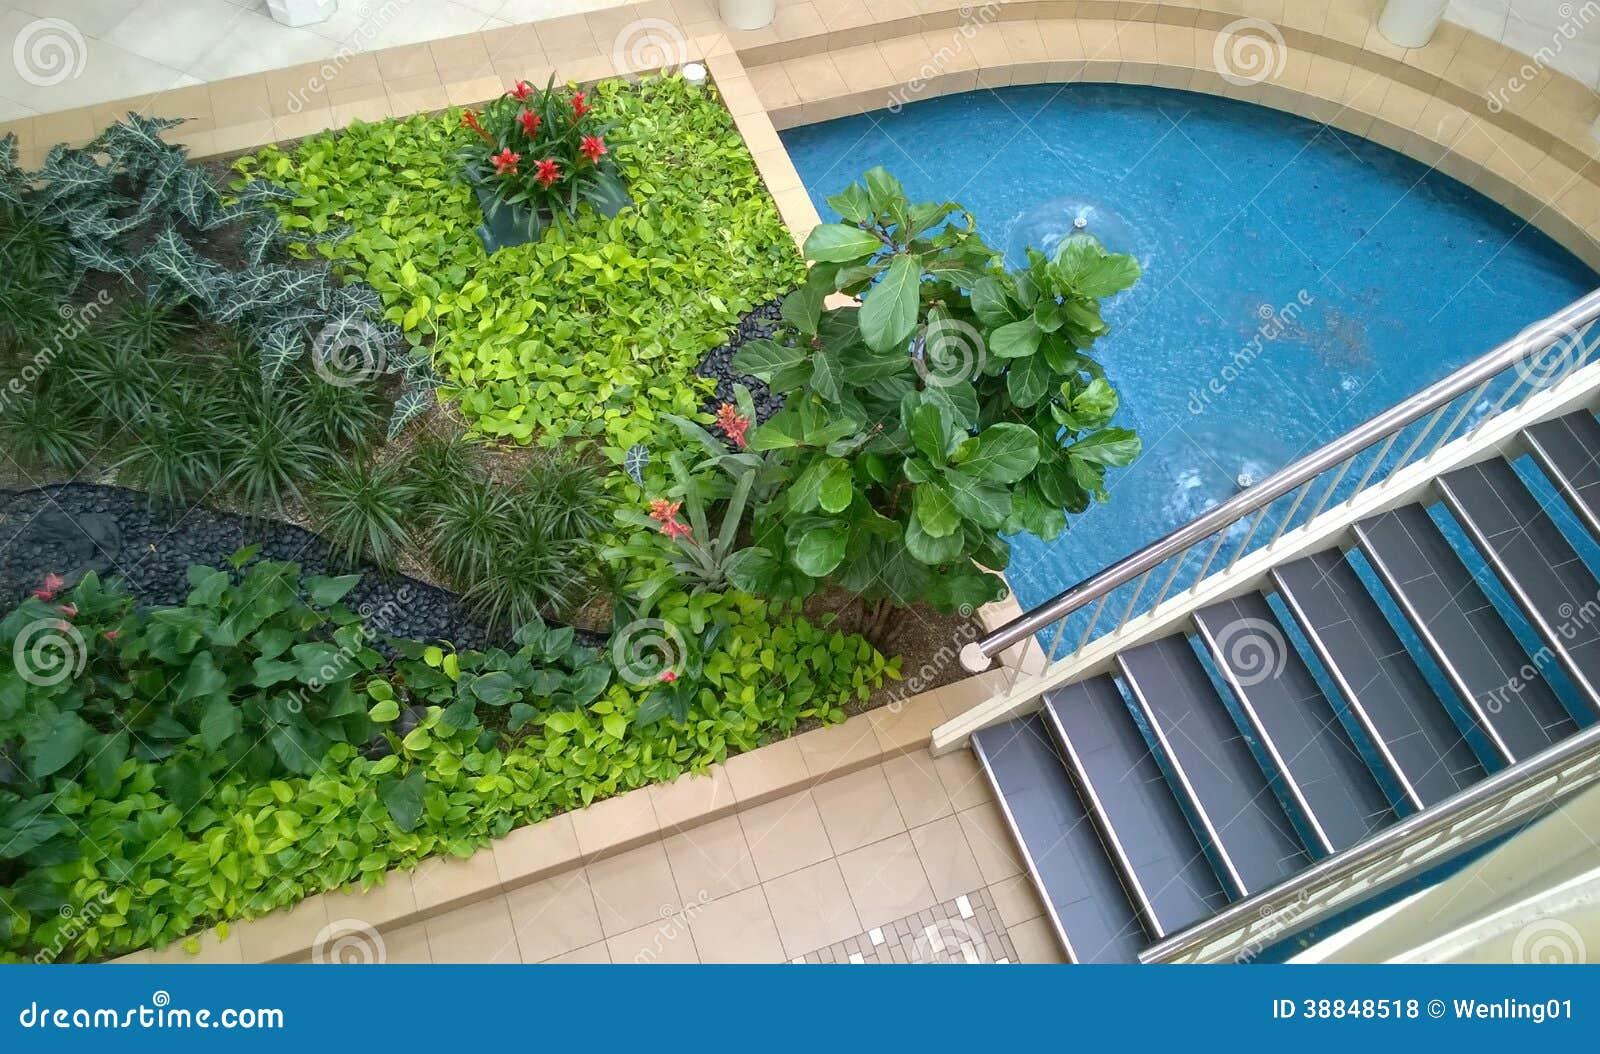 Conception de jardin d 39 int rieur photo stock image 38848518 - Jardin hydroponique d interieur ...